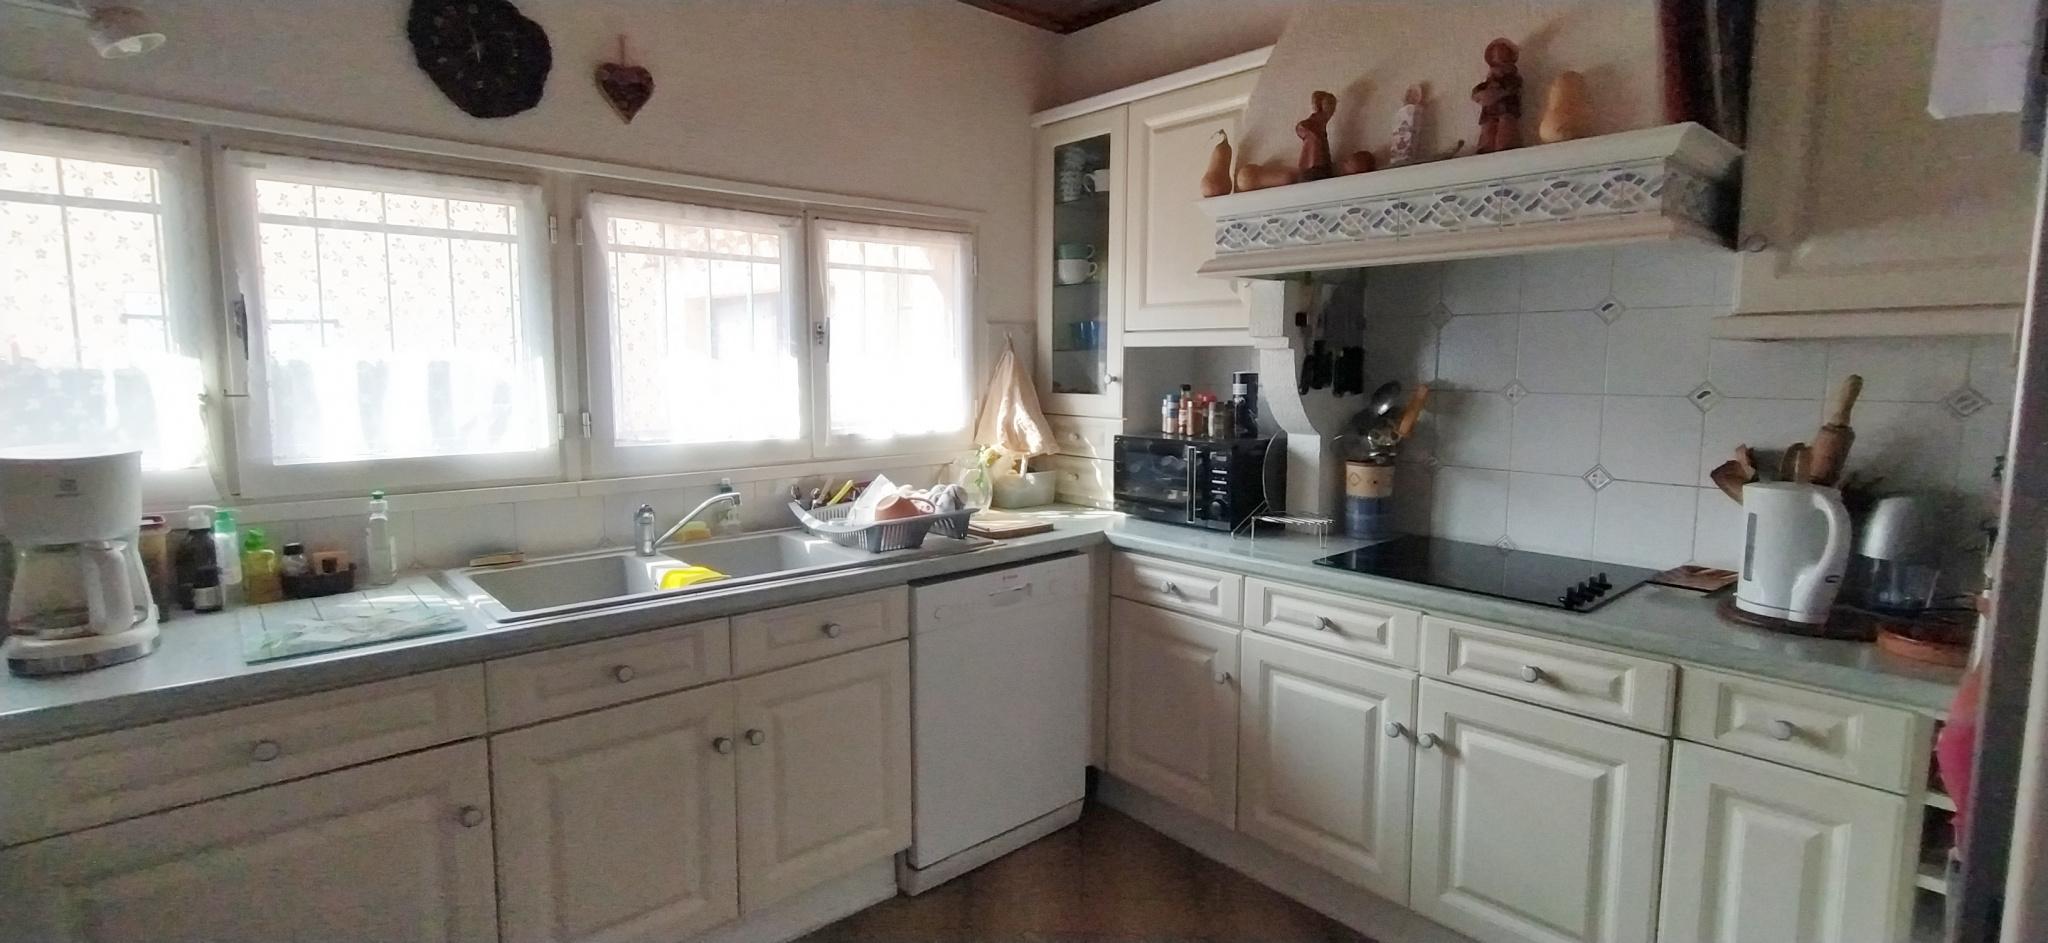 À vendre maison/villa de 140m2 à argeles sur mer (66700) - Photo 3'